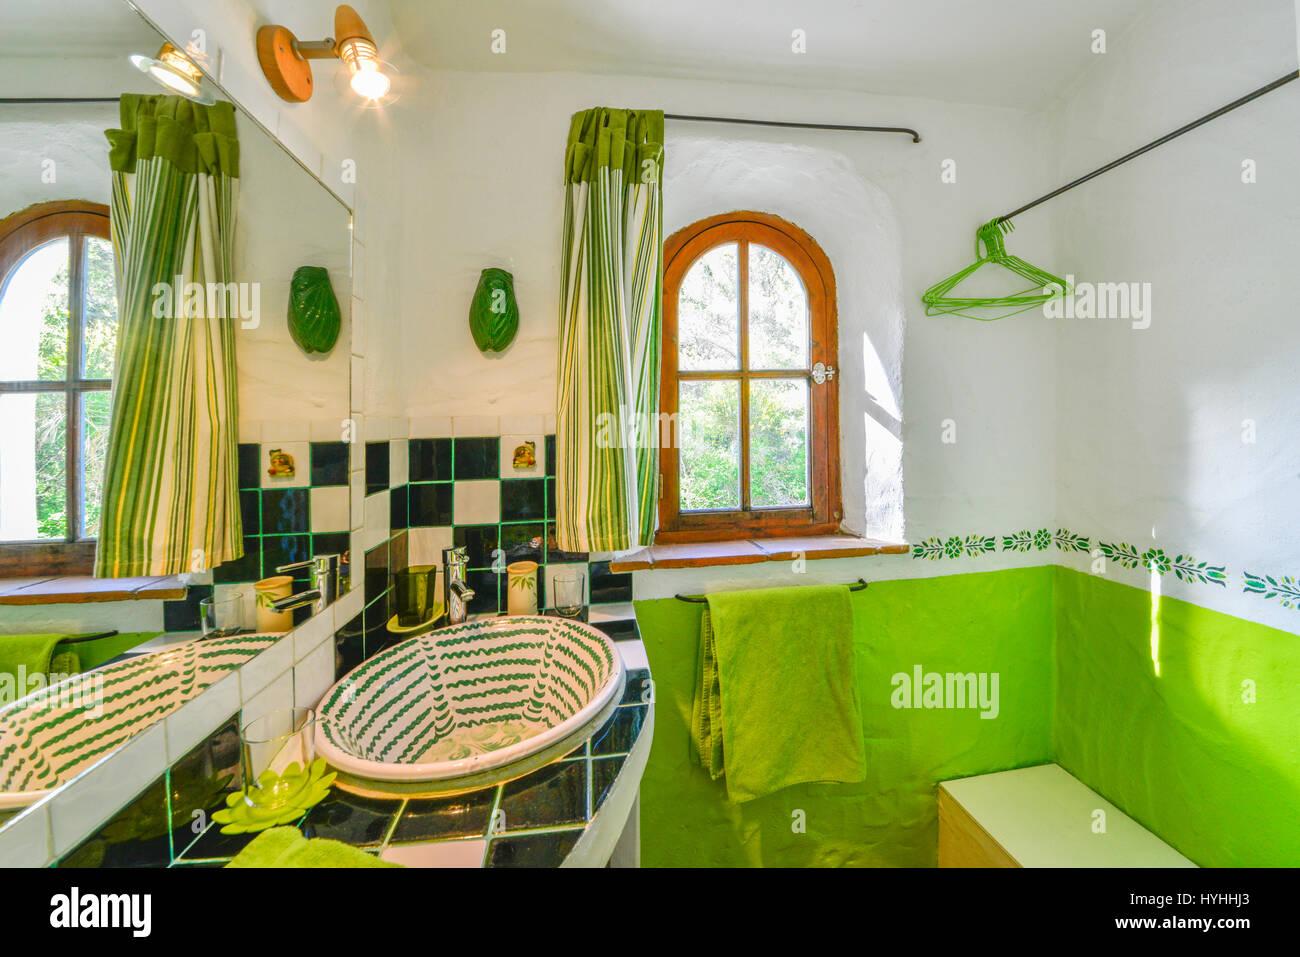 Magazin Salle De Bain Nimes ~ salle de bain stock photos salle de bain stock images alamy